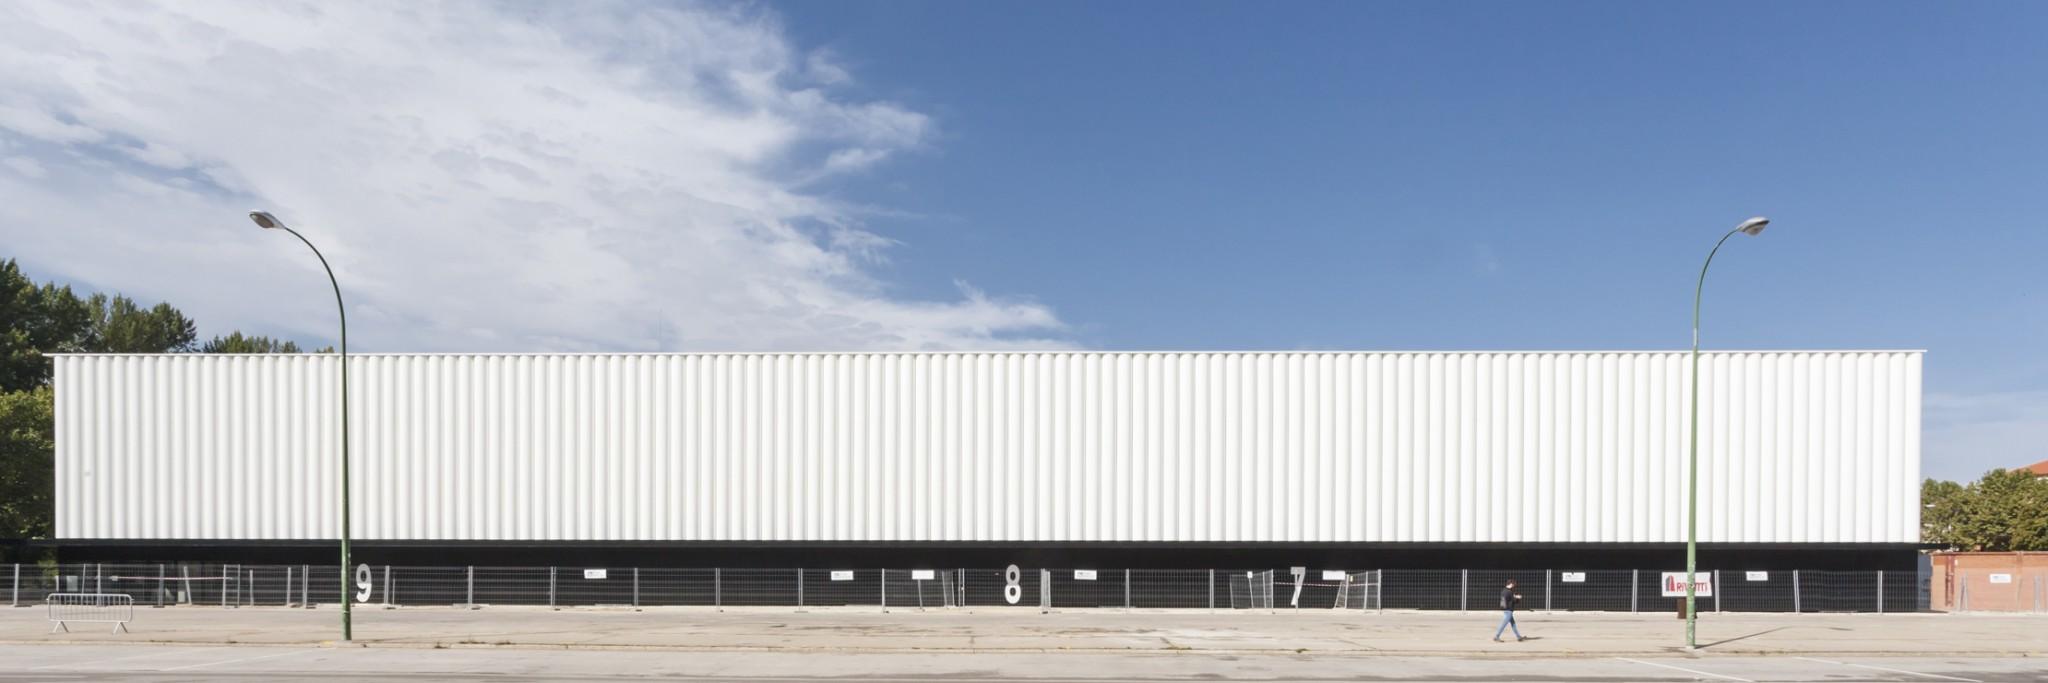 R-190_Remodelación fachada El Plantío_Riventi (8)